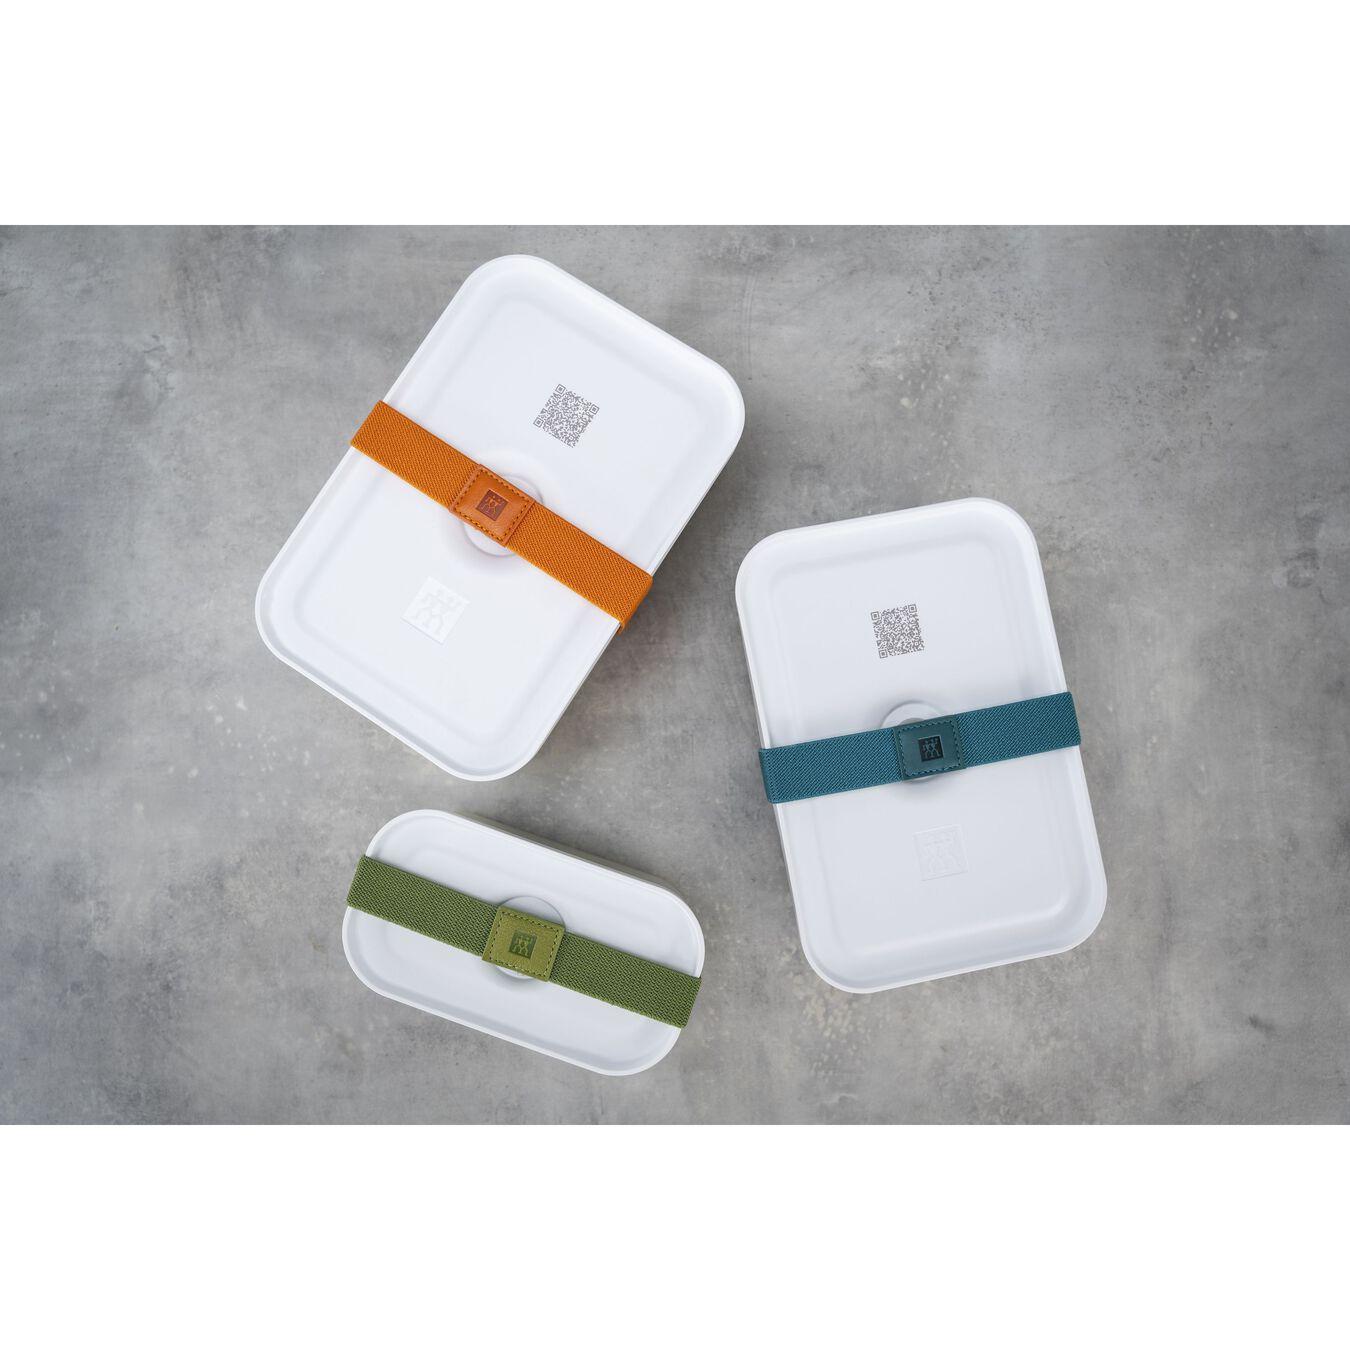 Vakuum madkasser, M - Plastik - Hvid-Grå,,large 9